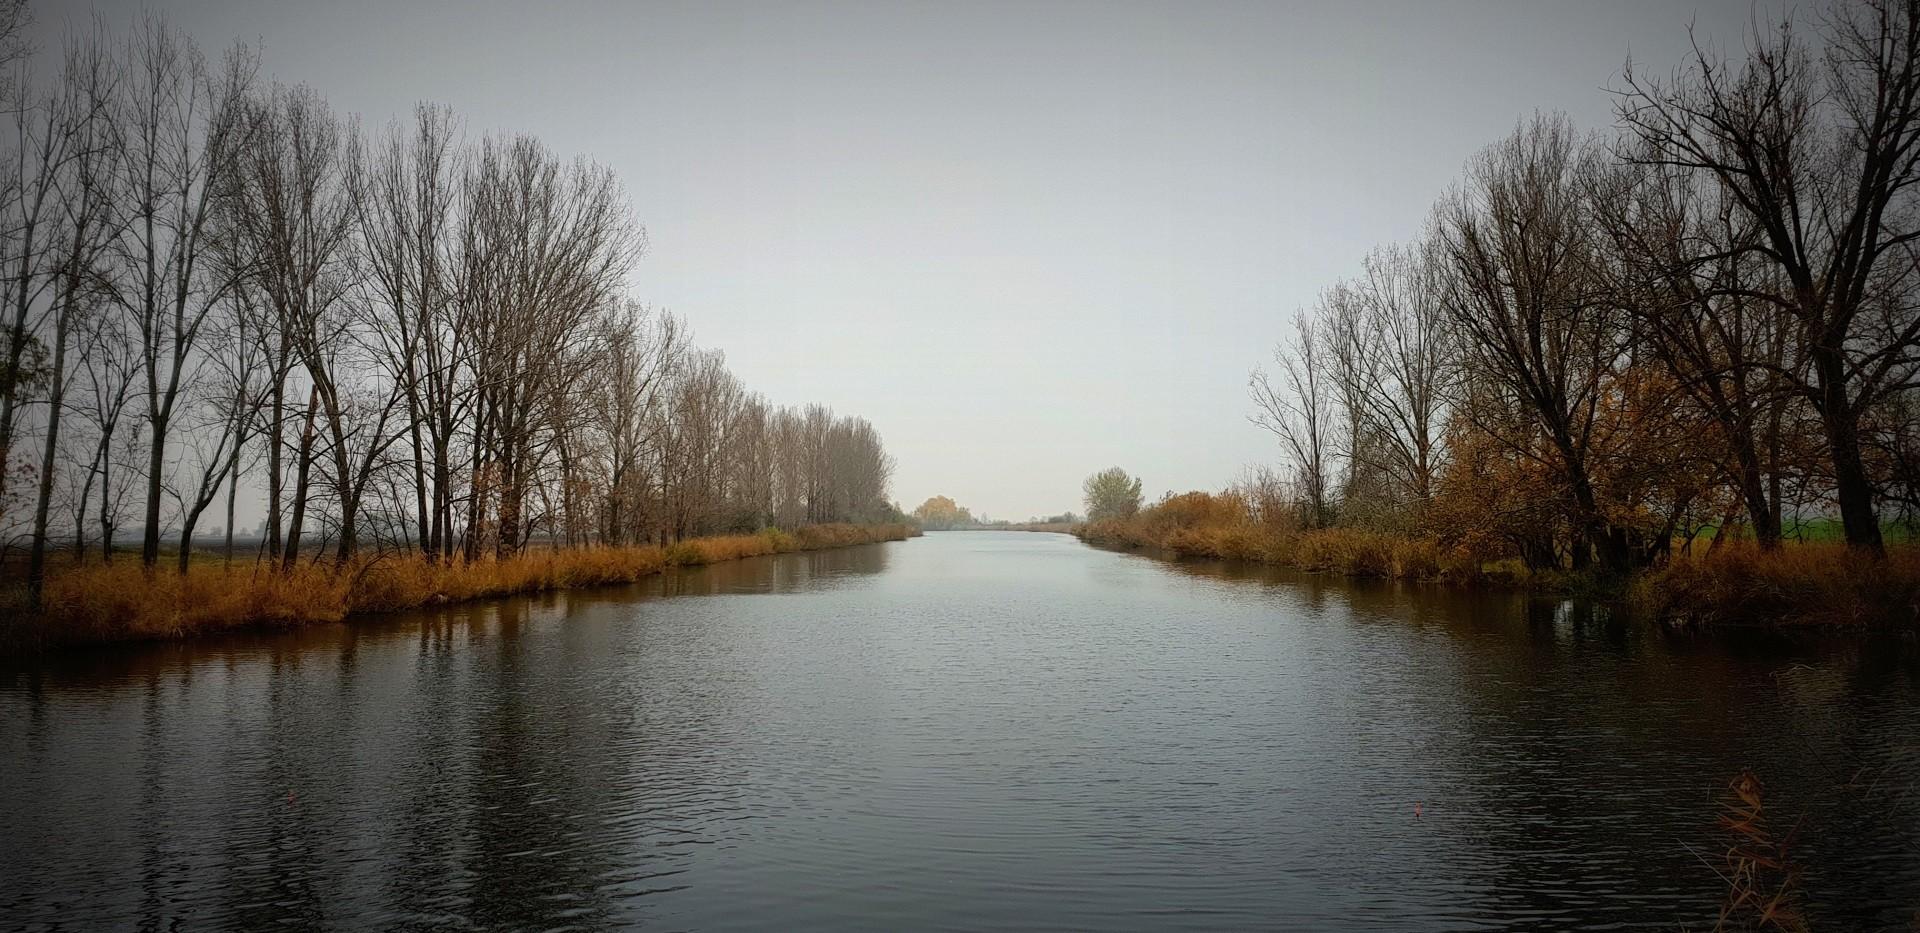 A csaknem 30 km hosszú V. számú csatorna kiváló életfeltételeket teremt az itt élő halak számára